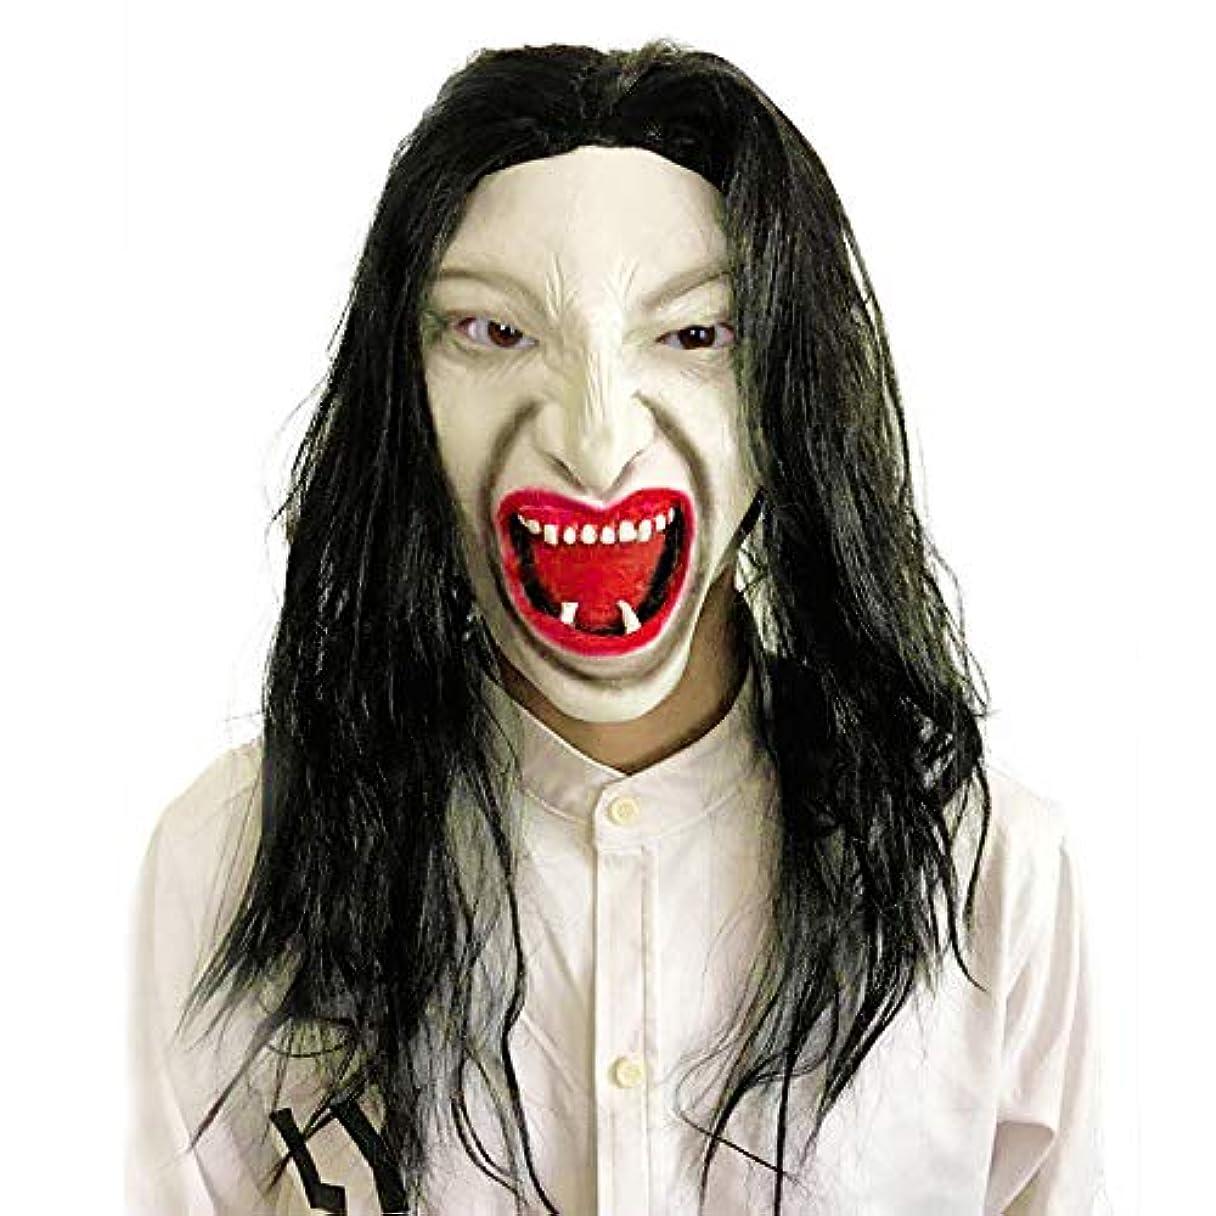 始める懐疑的遺体安置所ブルネットホラー白い顔のマスク悪魔の血の口の吸血鬼怖いハロウィーンの性能かつらマスク小道具